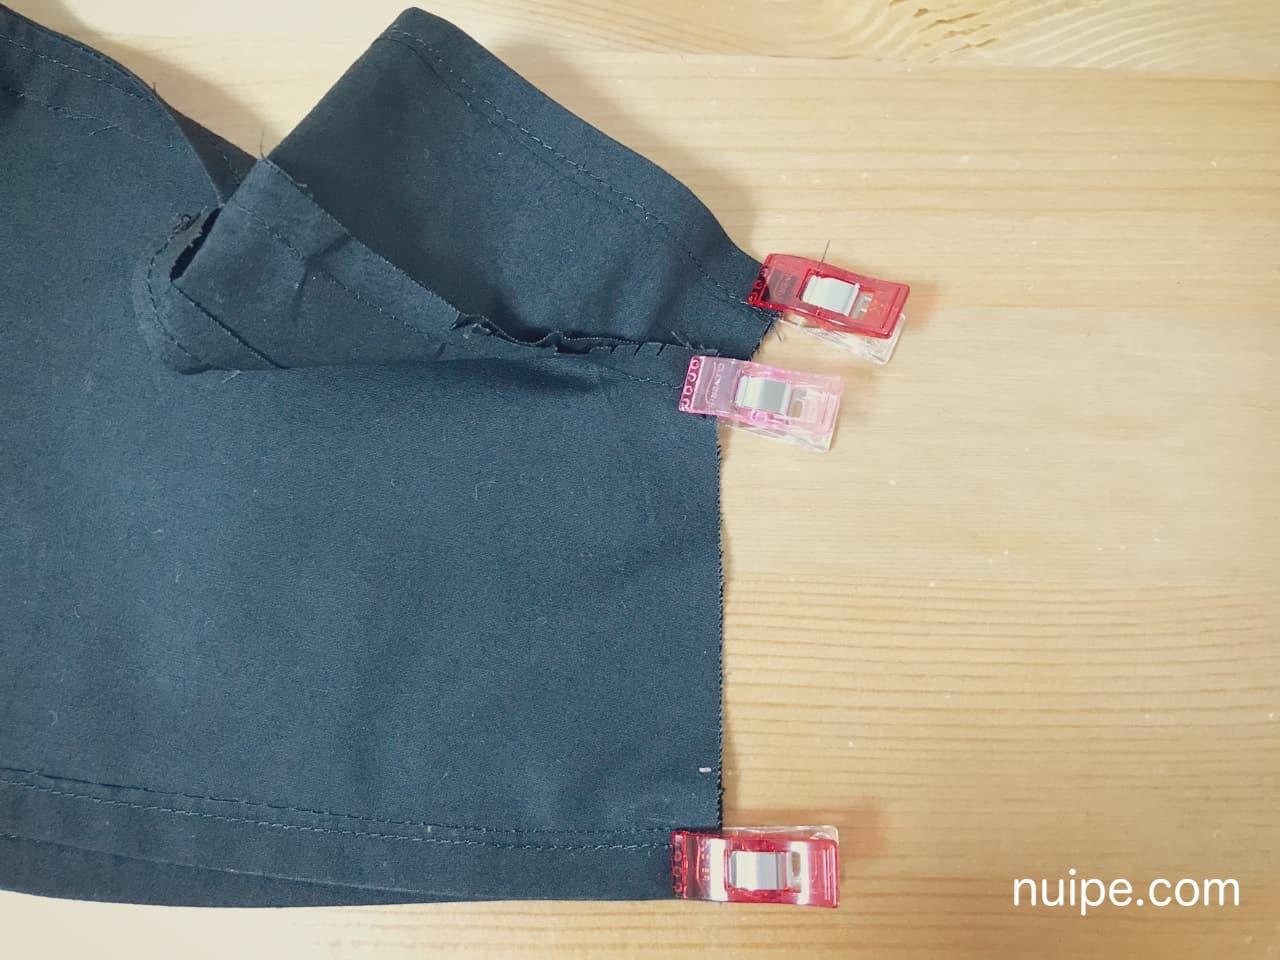 ダッフィー服作り方袖下脇縫い